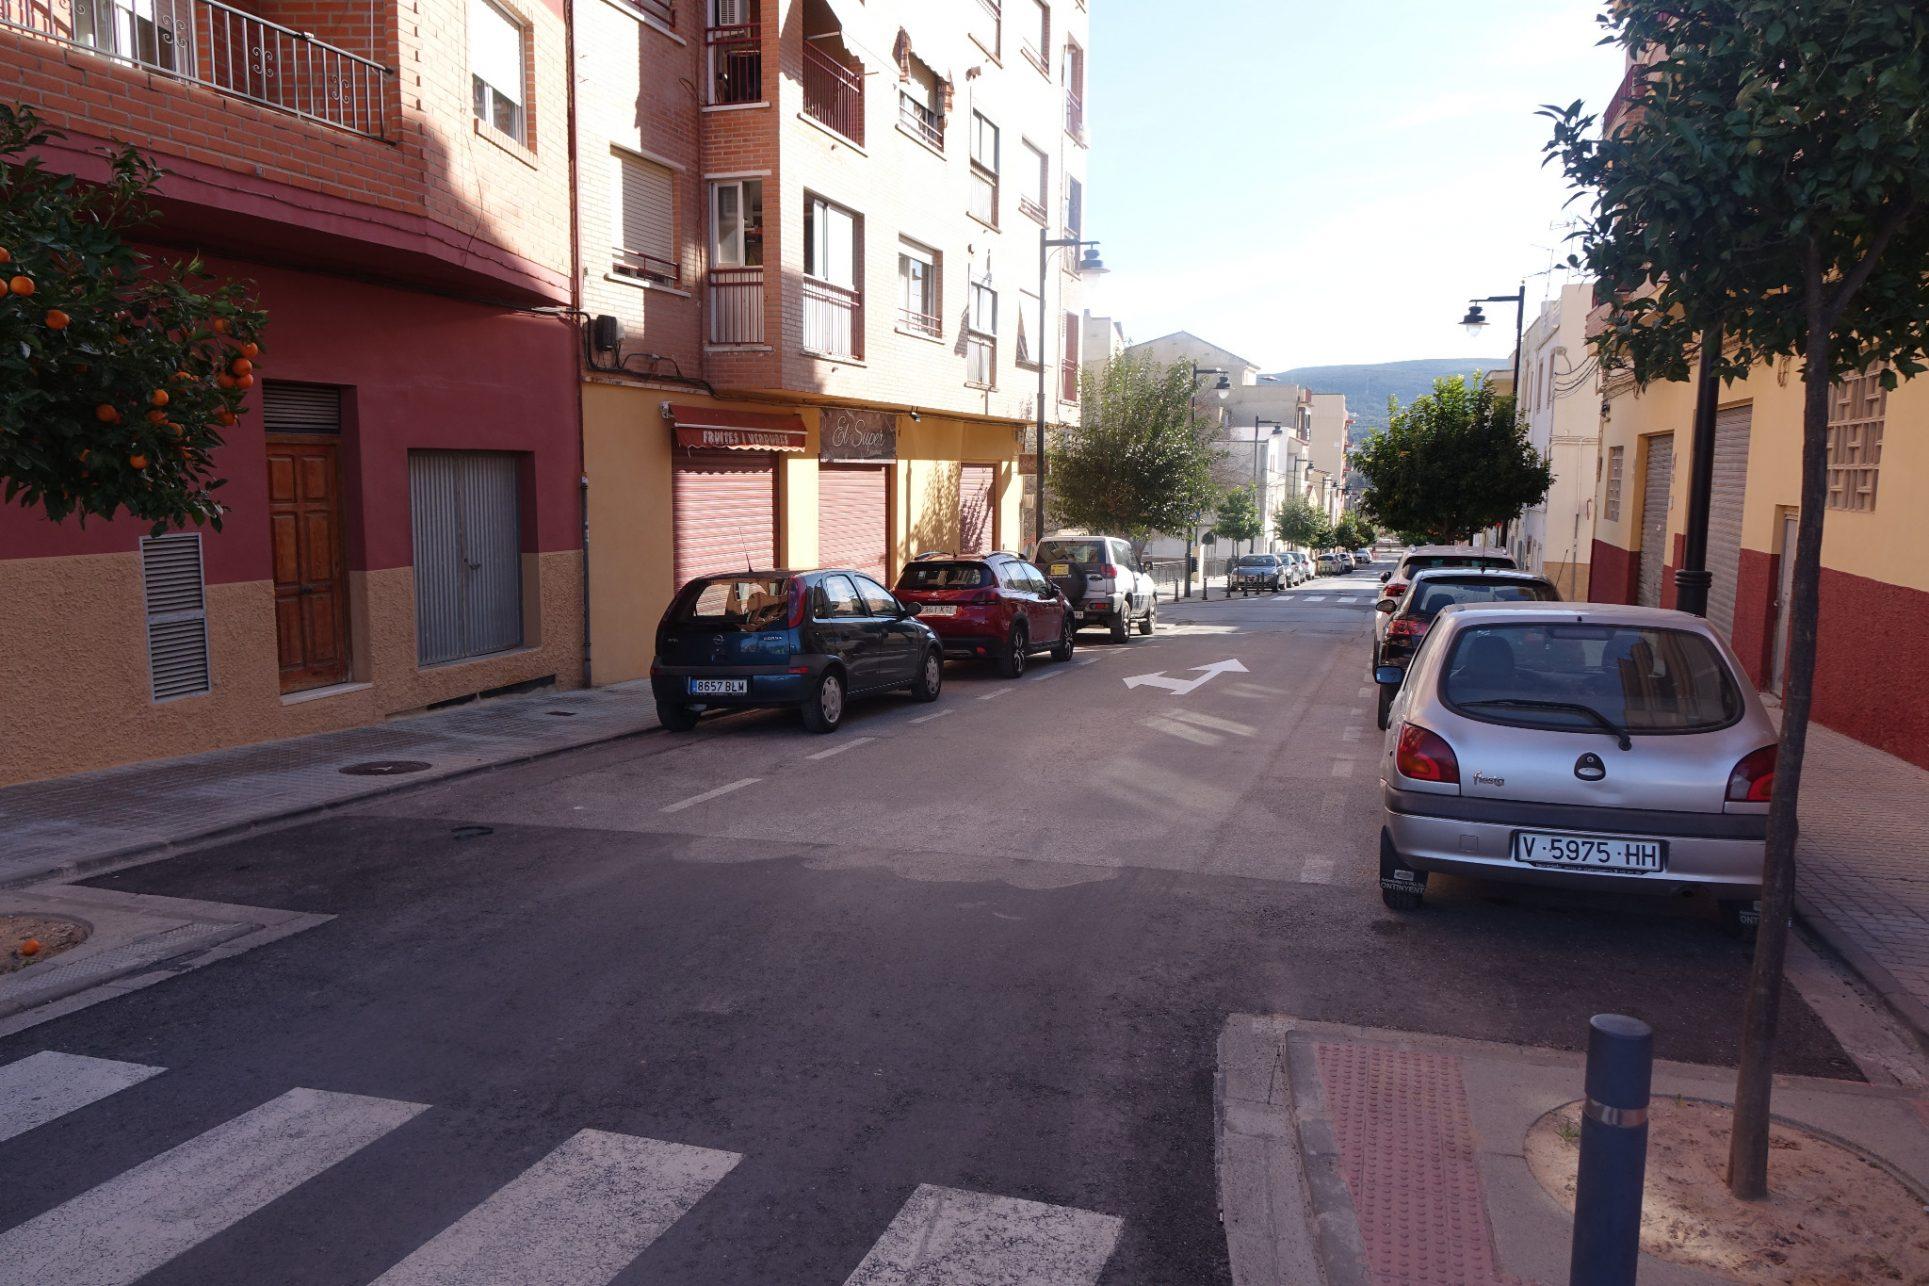 Canvis al trànsit viari al barri de Sant Rafel El Periòdic d'Ontinyent